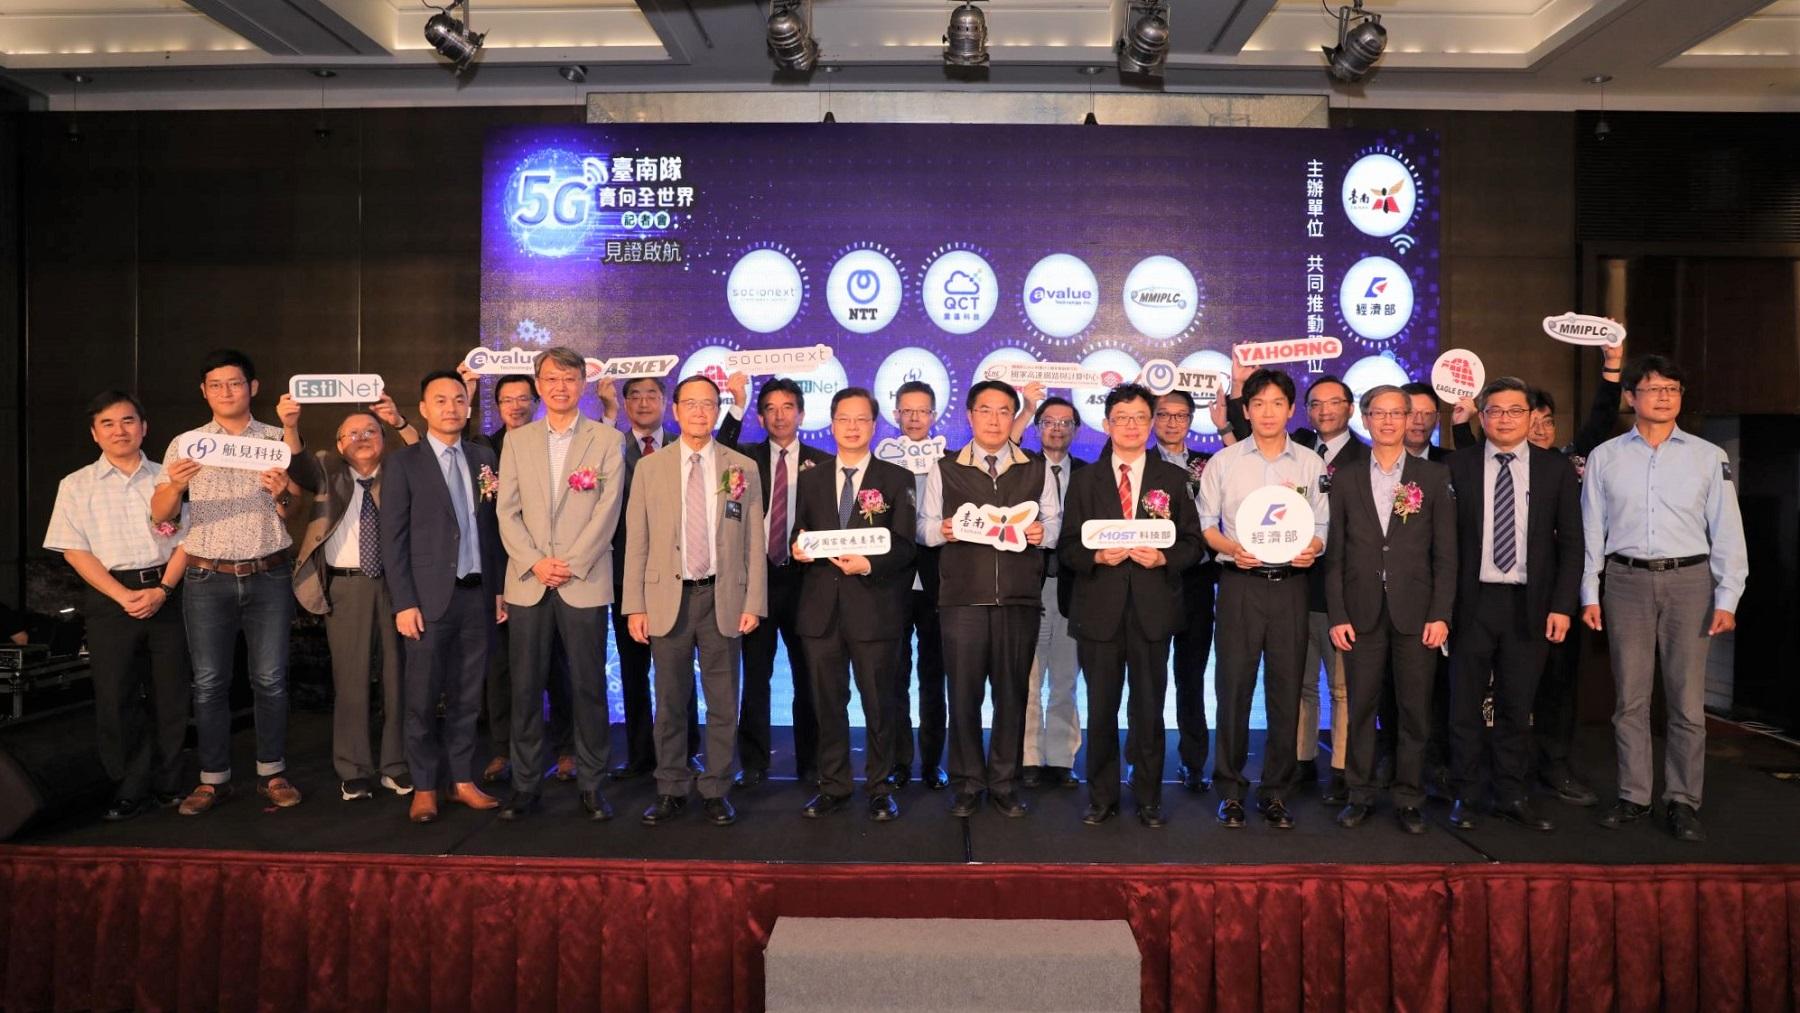 國網中心與臺南市共組5G臺南隊,共同推動5G產業發展